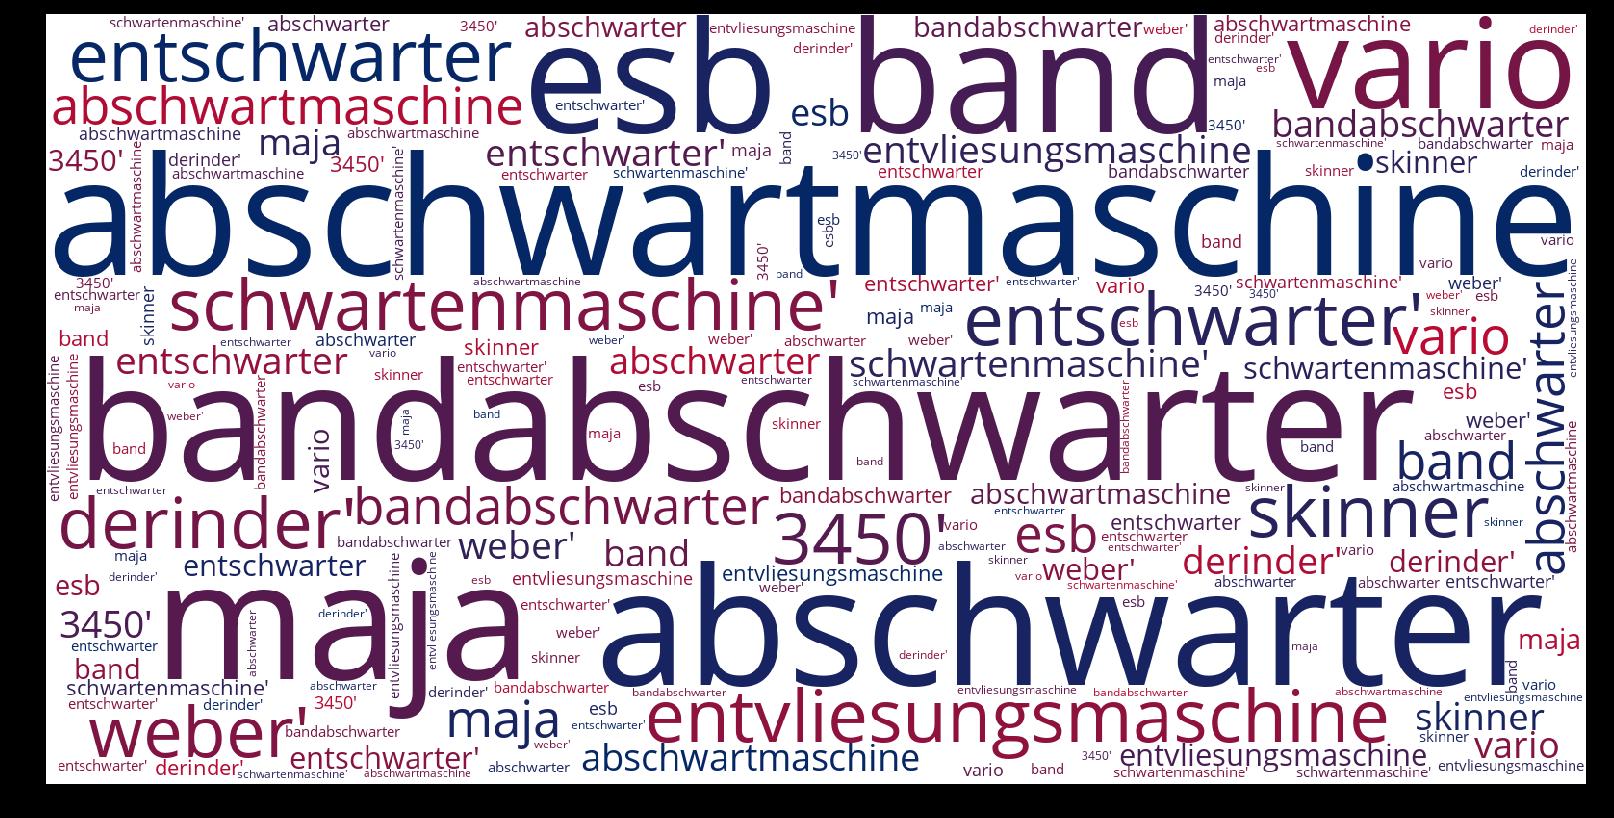 Abschwartmaschine-wordcloud